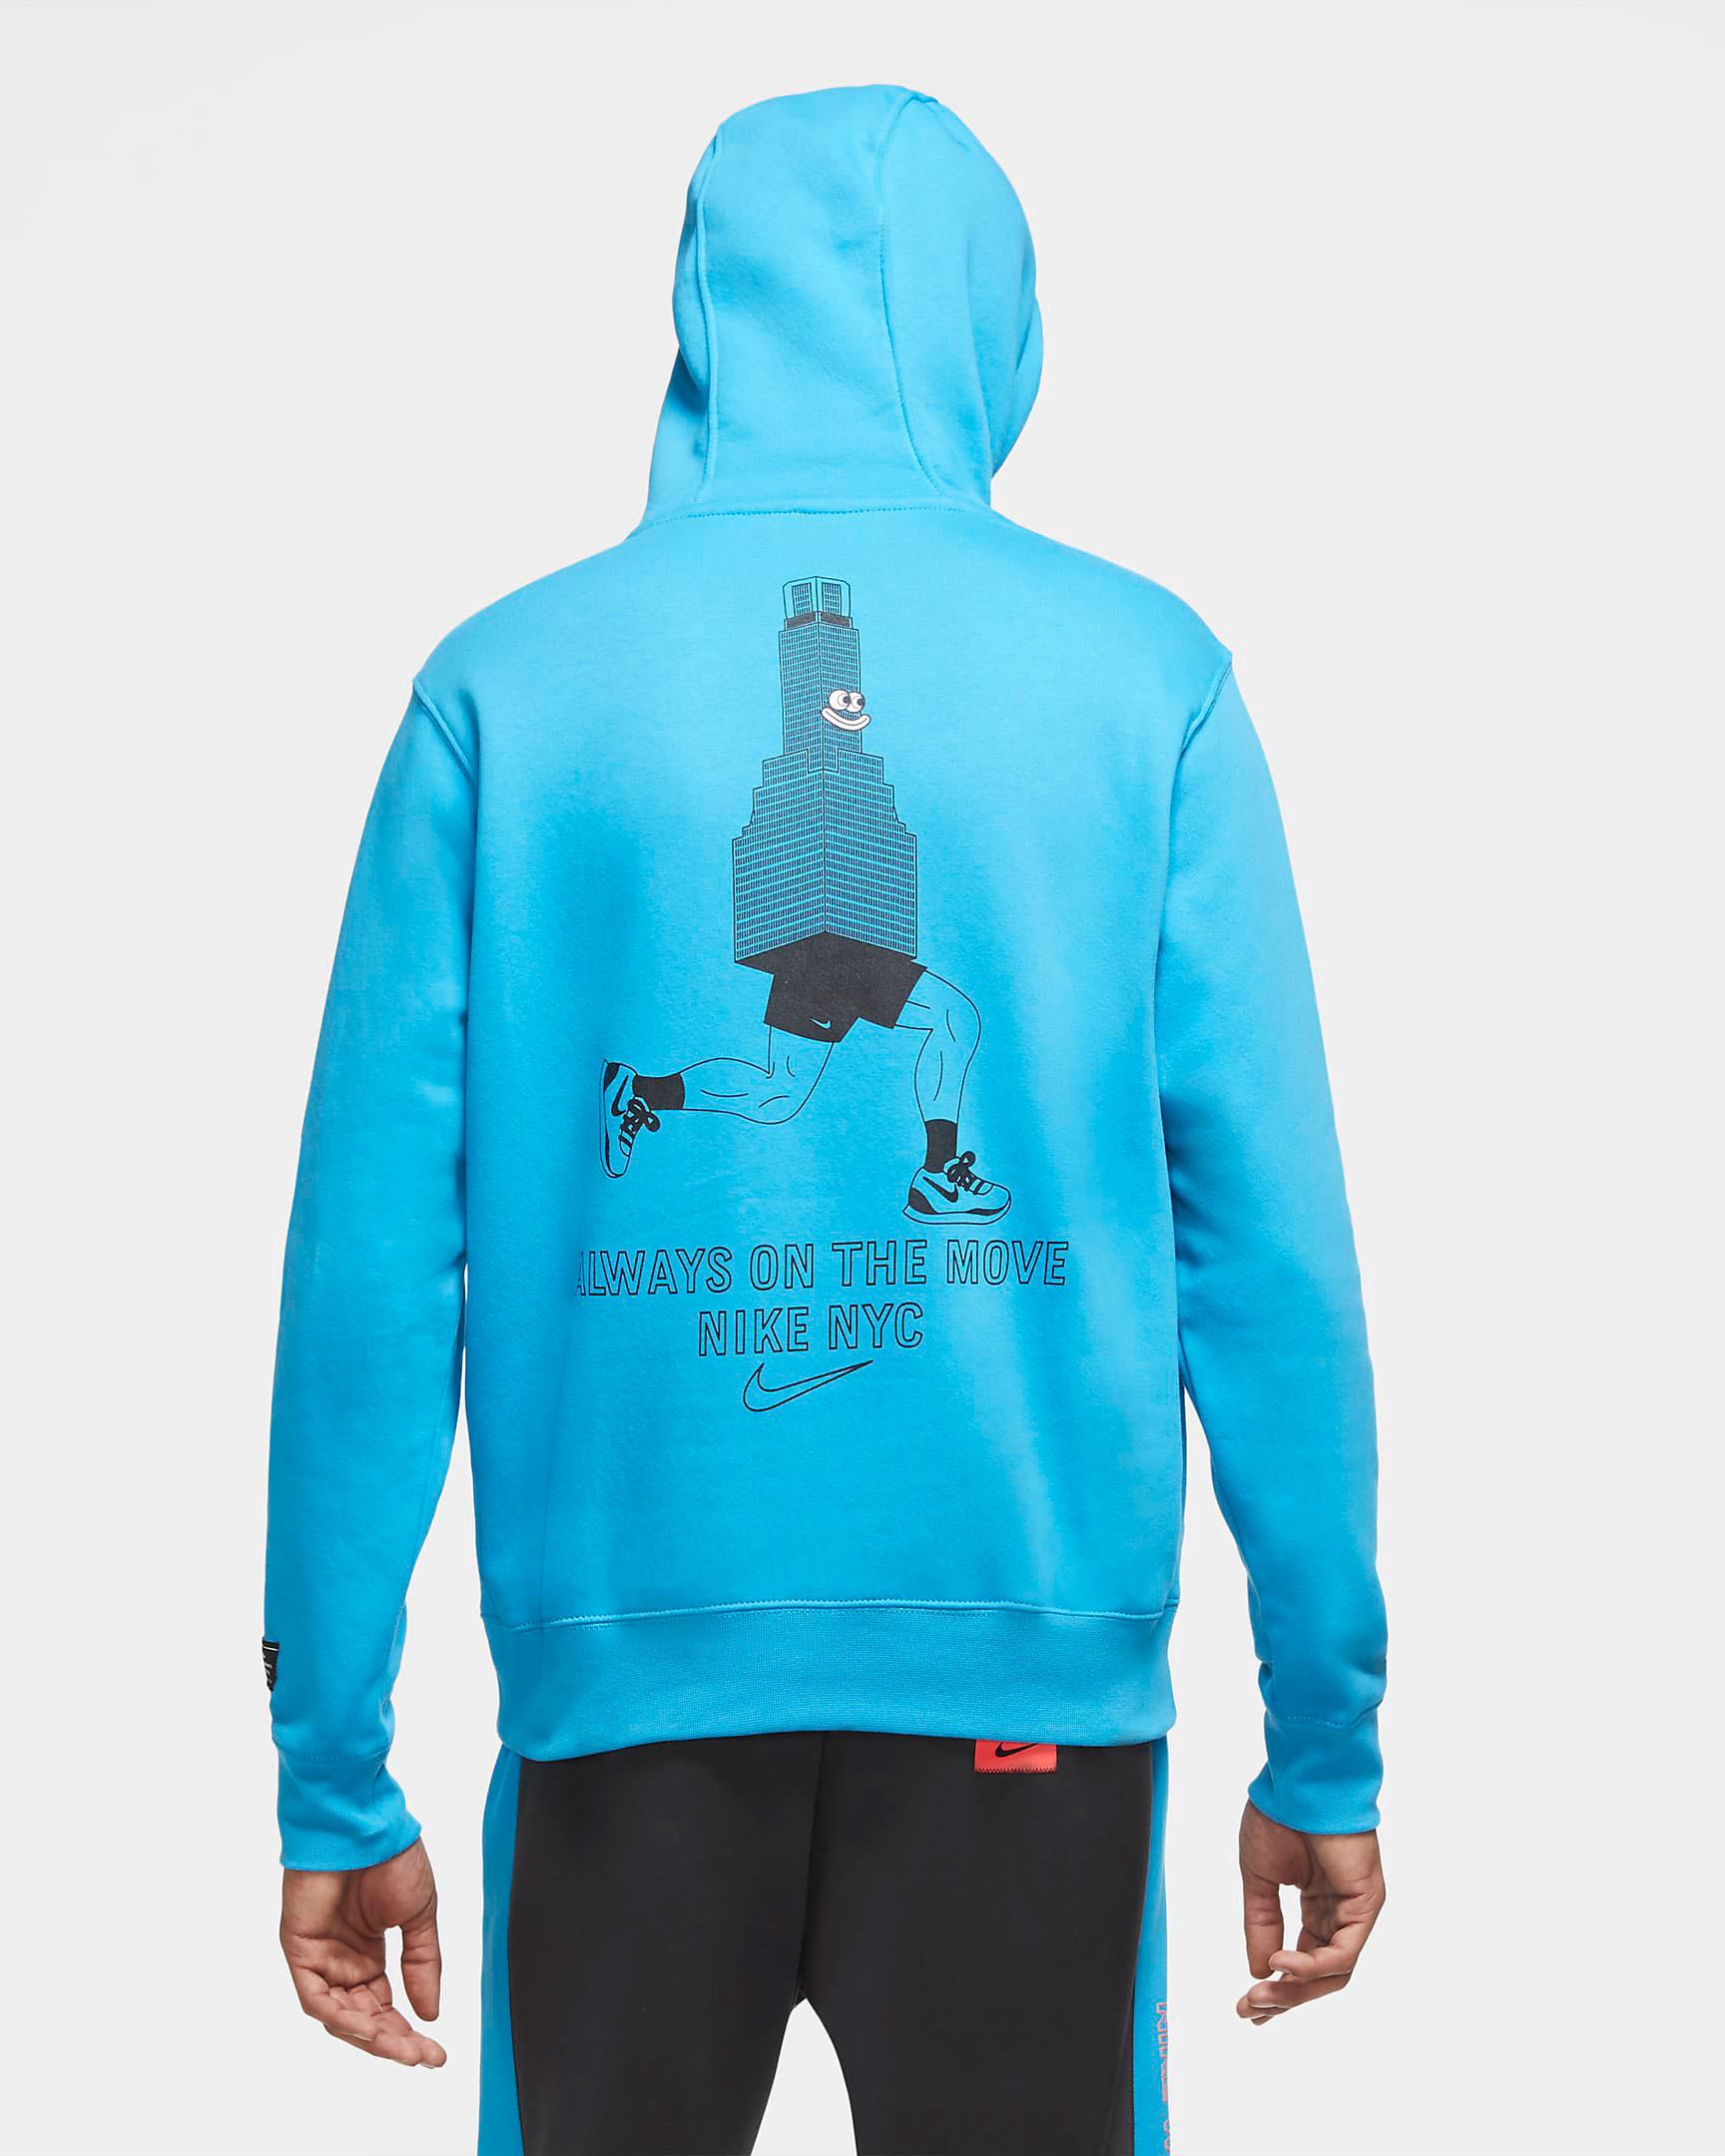 nike-air-max-90-laser-blue-hoodie-4